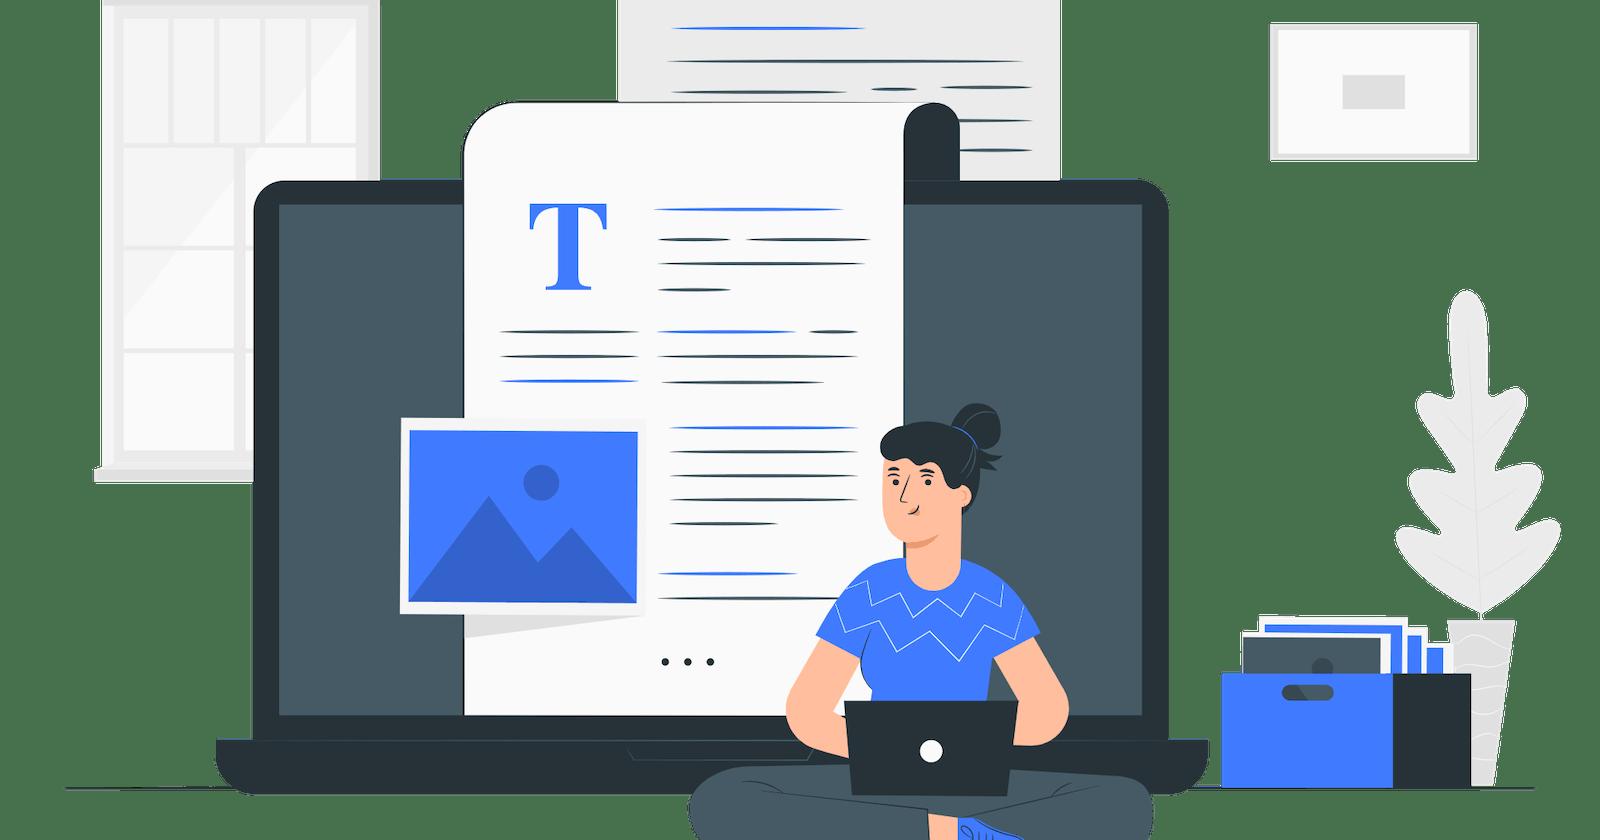 10 Useful Websites For Every Web Developer